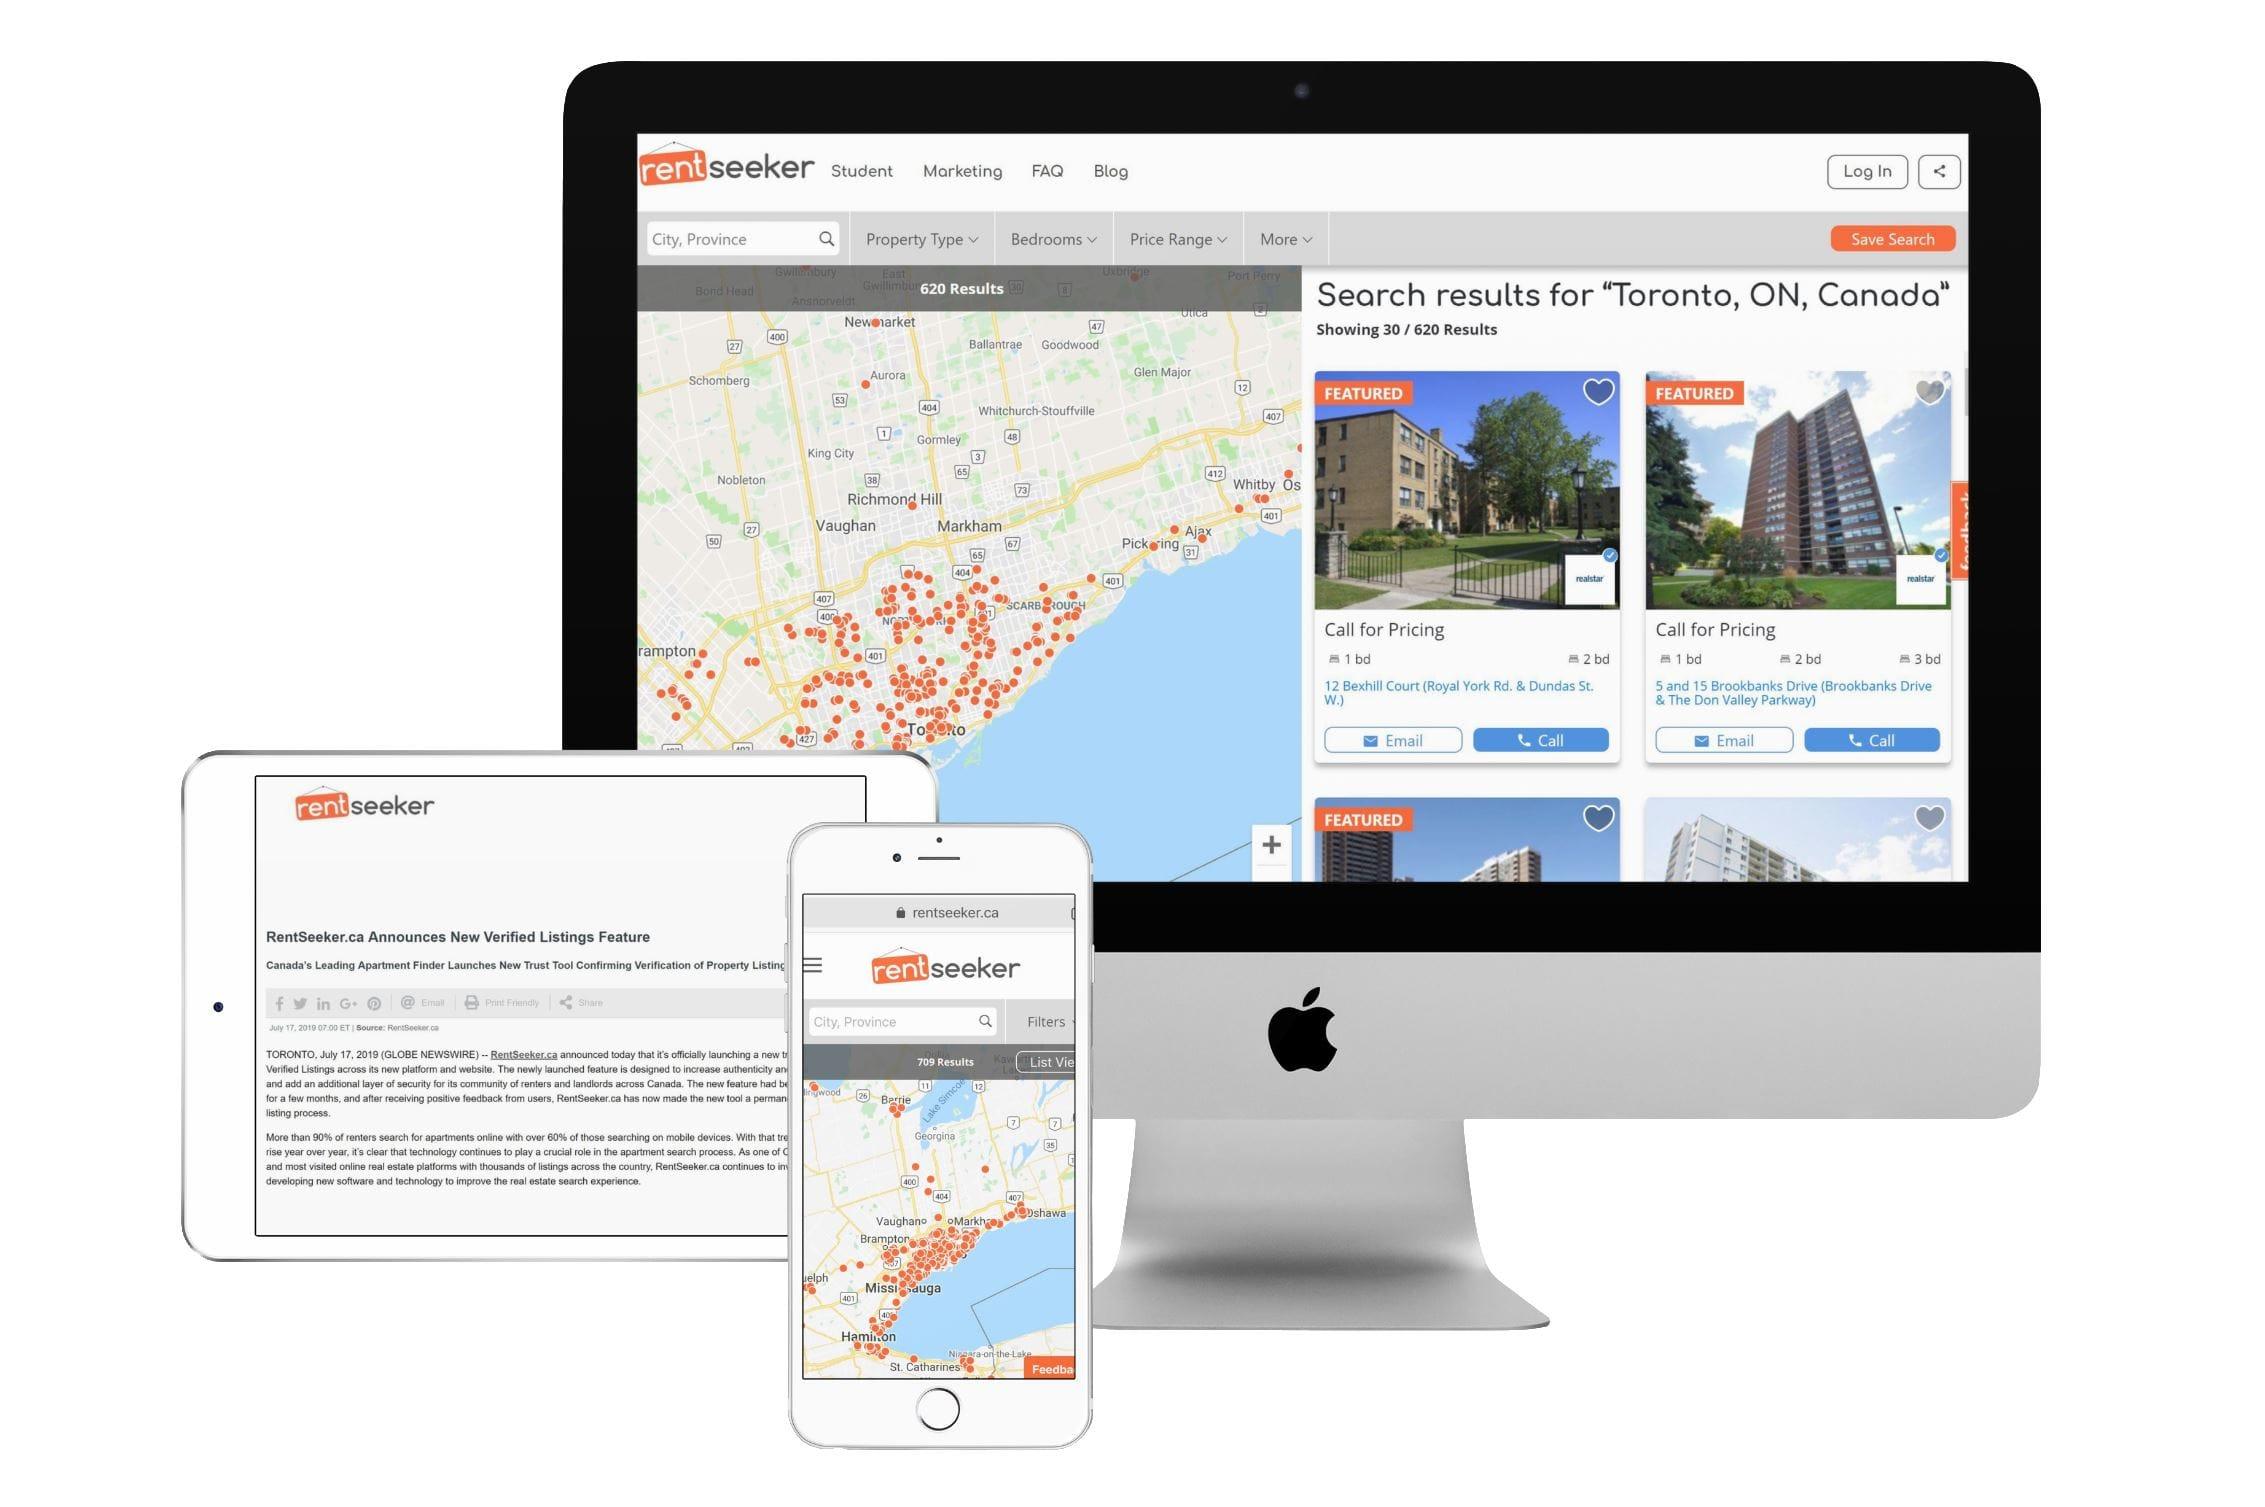 RentSeeker-Verified-Apartment-Listings-in-Toronto